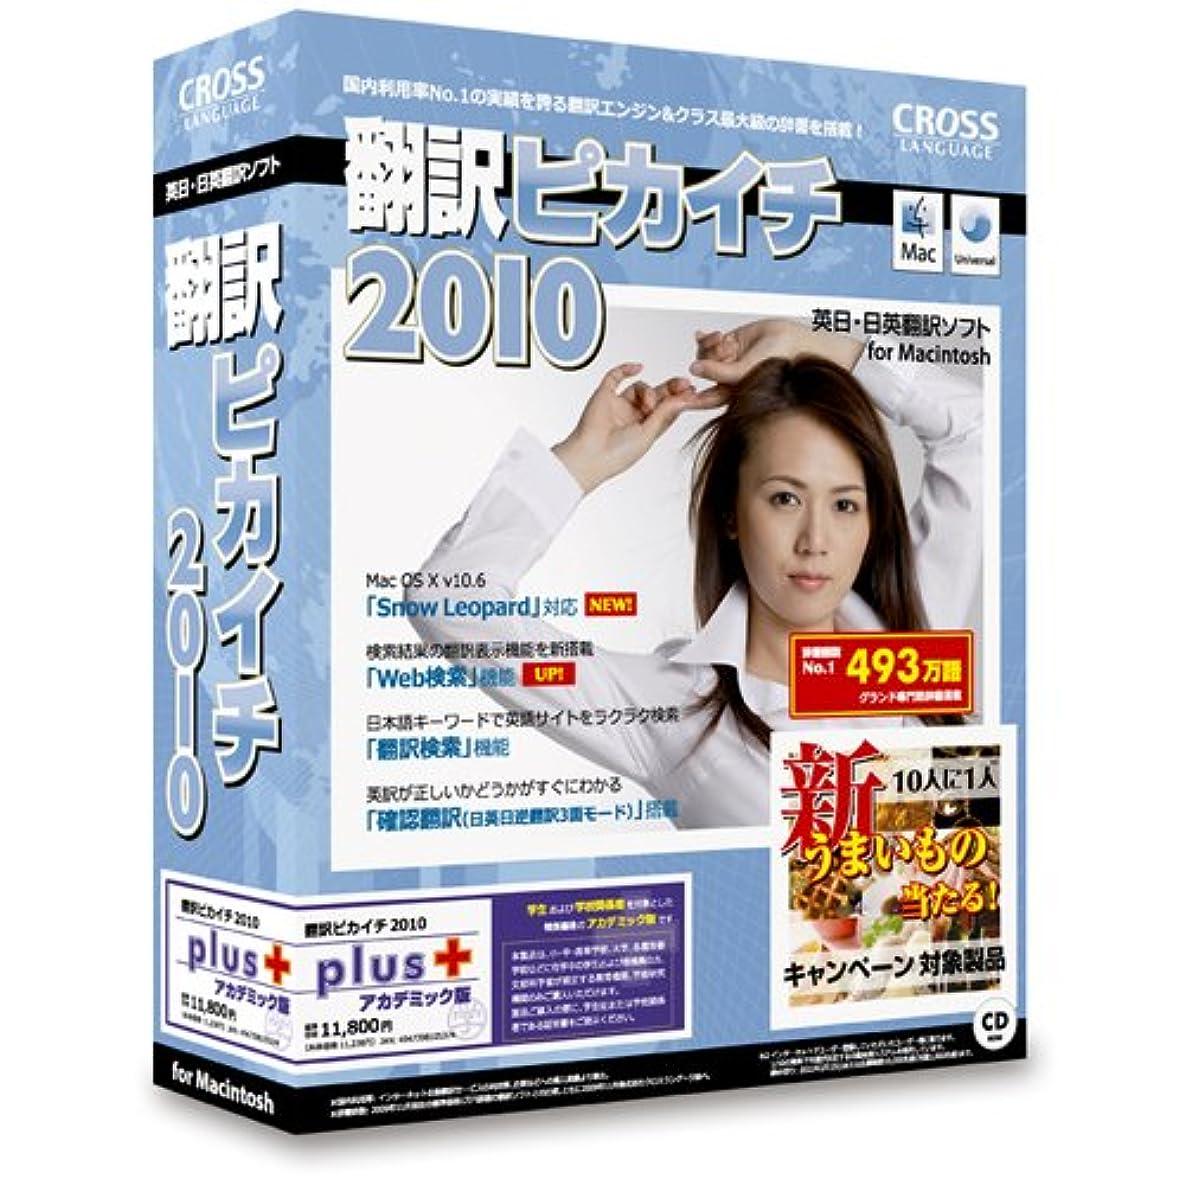 マニアック連結する廃止翻訳ピカイチ 2010 plus アカデミック版 for Macintosh